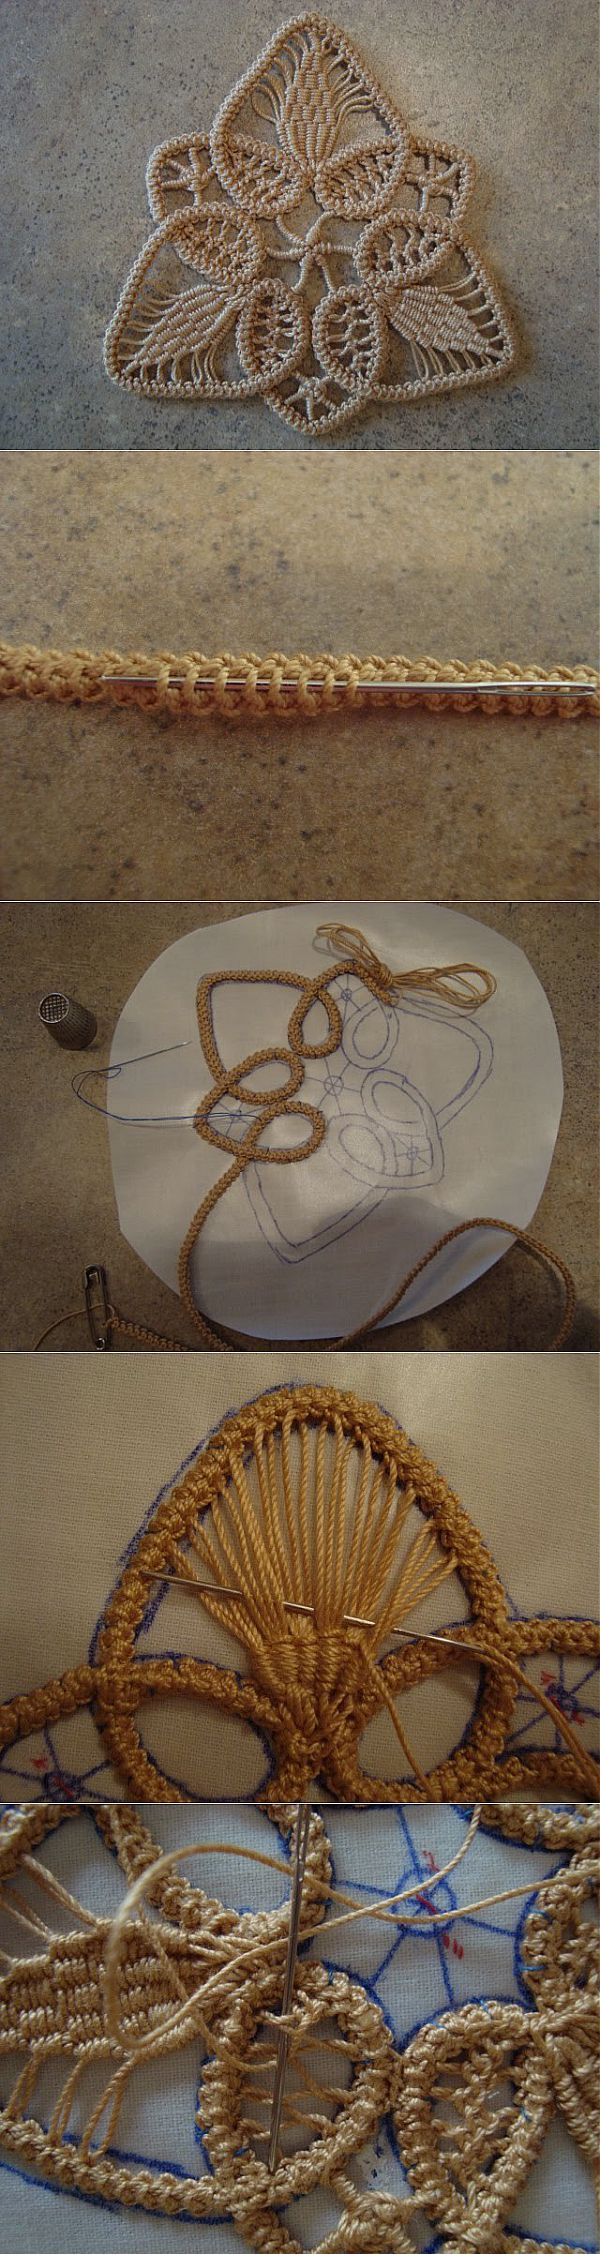 Adorno de encaje. Crochet, casi aguja | hábiles manos |                                                                                                                                                      Más